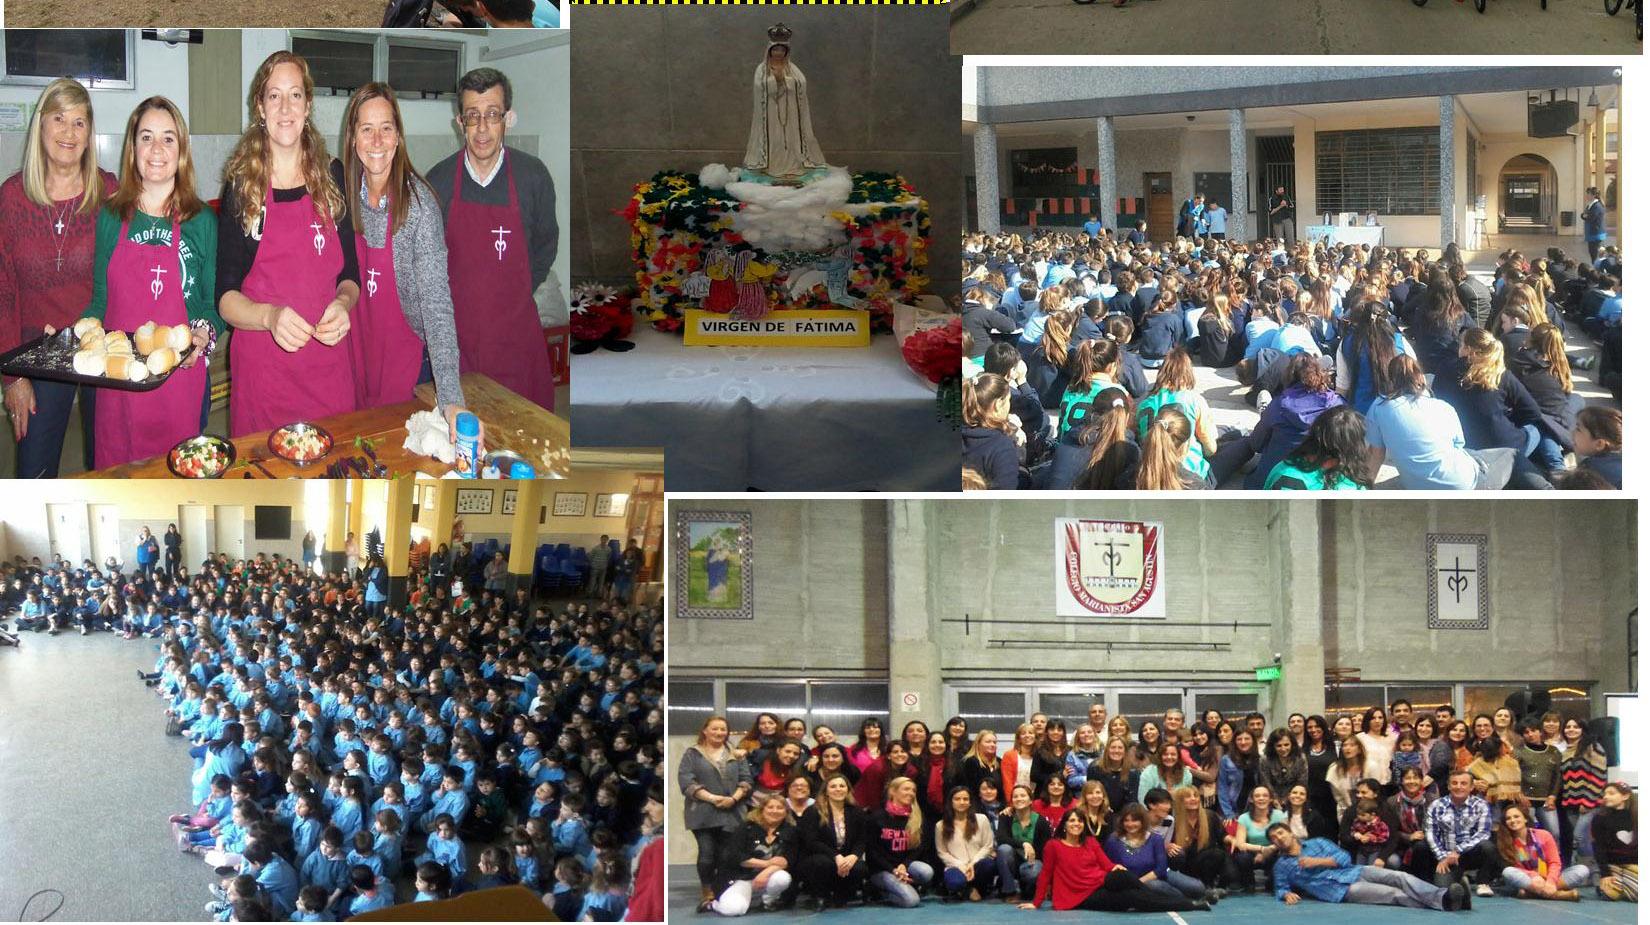 La comunidad Marianista continua de festejo